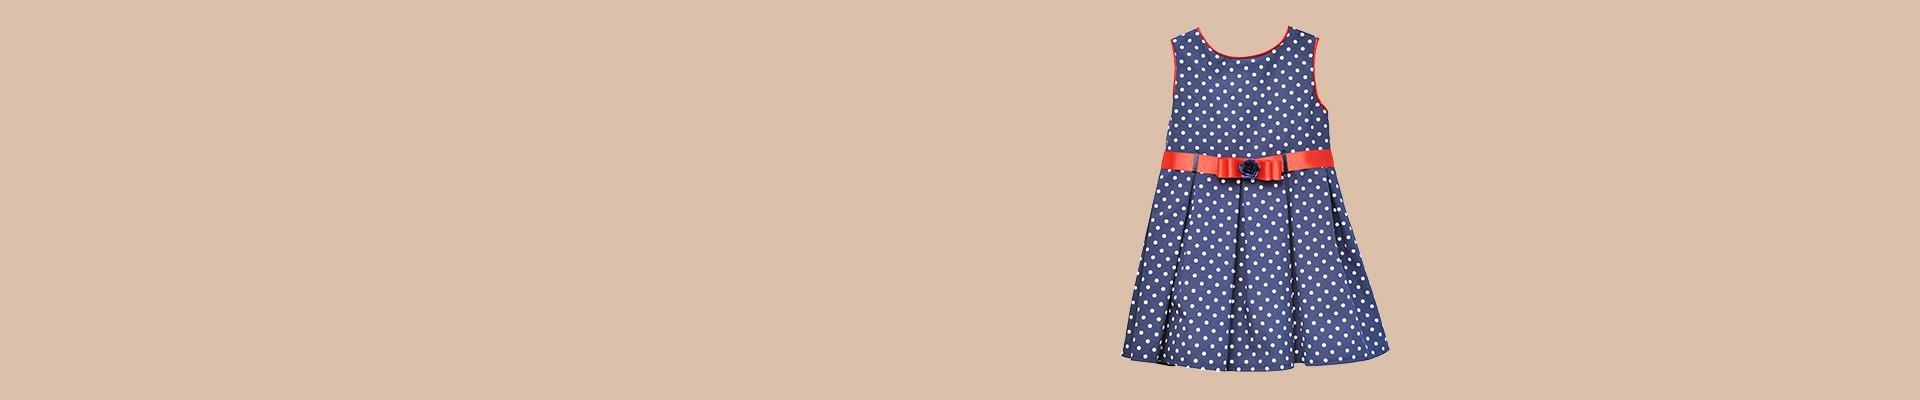 Baju Baby Doll Anak Model Baru - Harga Terbaik